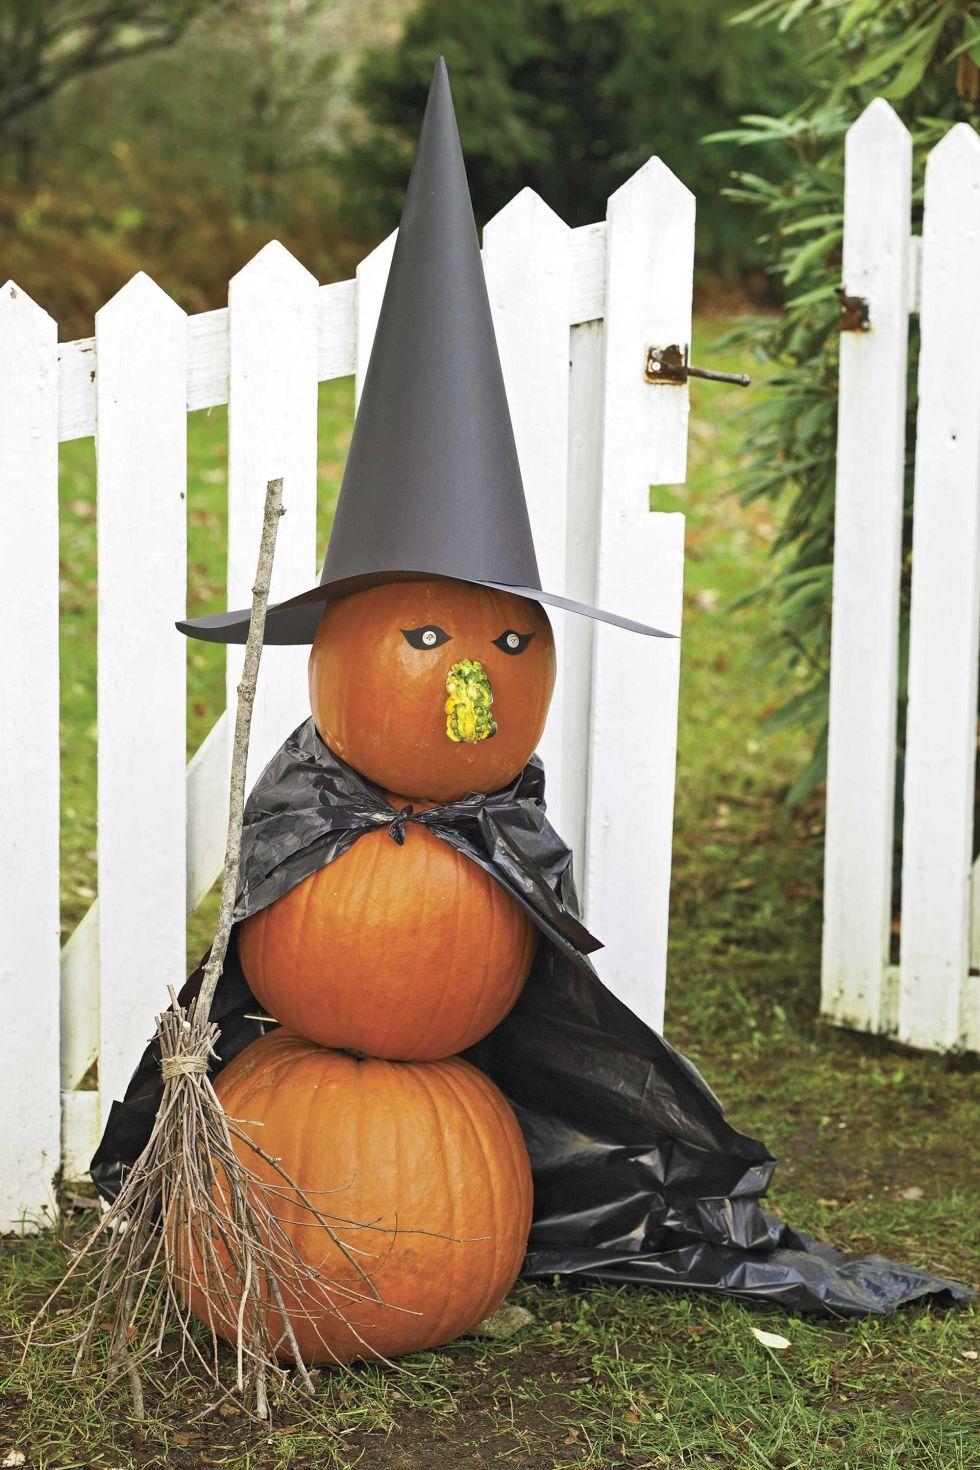 Mini pumpkin decorating ideas - 25 Best No Carve Pumpkin Decorating Ideas Fun Designs For No Carve Halloween Pumpkins